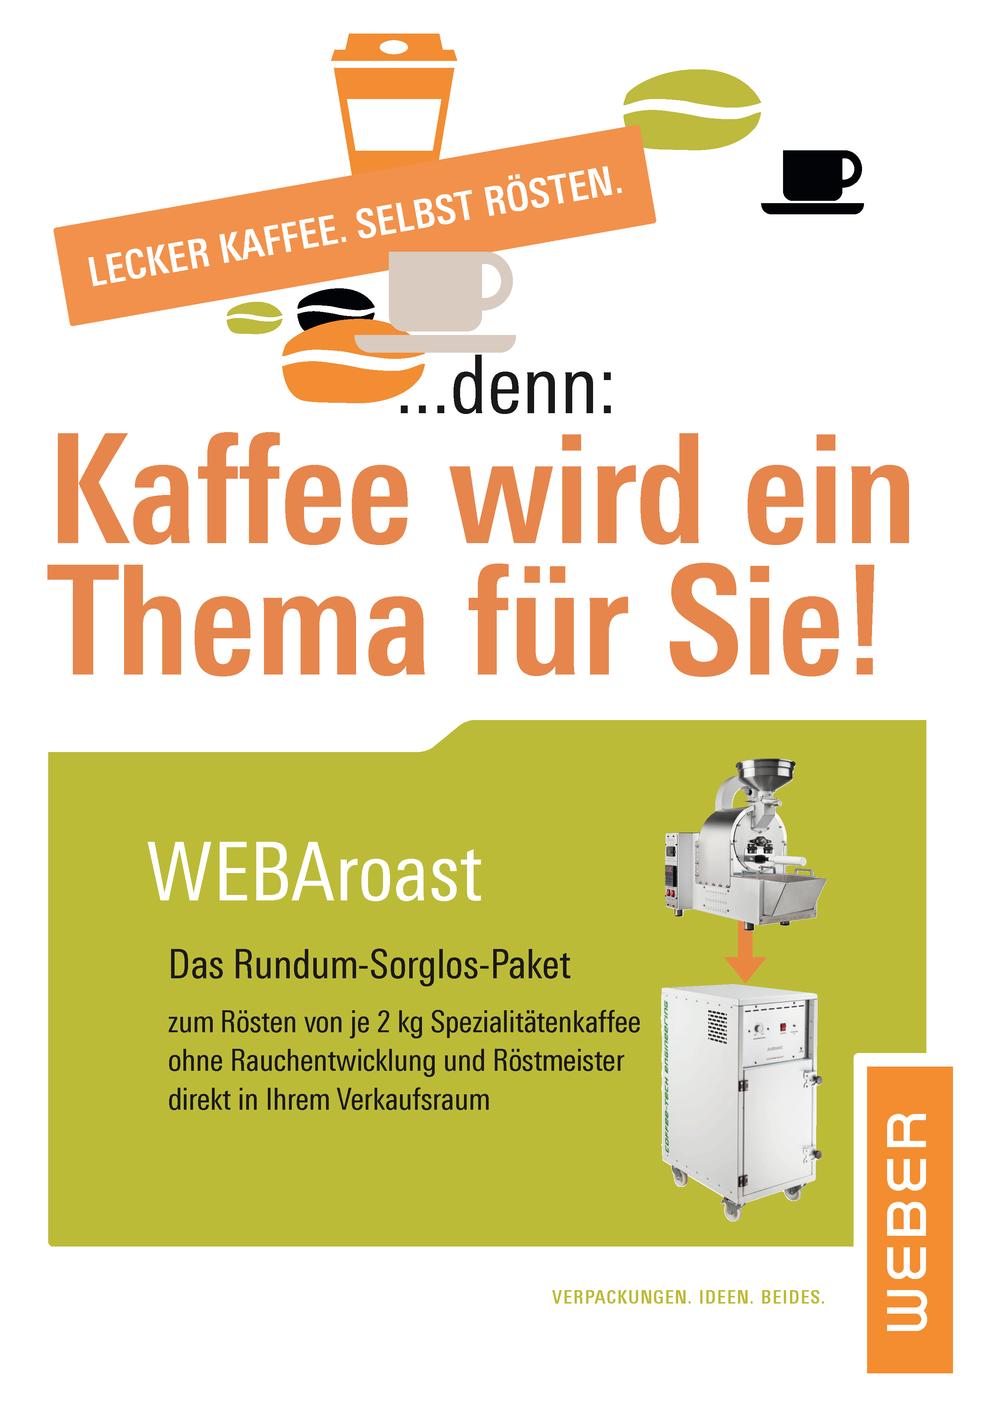 Vor Jahren angekündigt. Jetzt eingetreten. Cover: Ingo H. Klett für die © WEBER Packaging GmbH, 2012